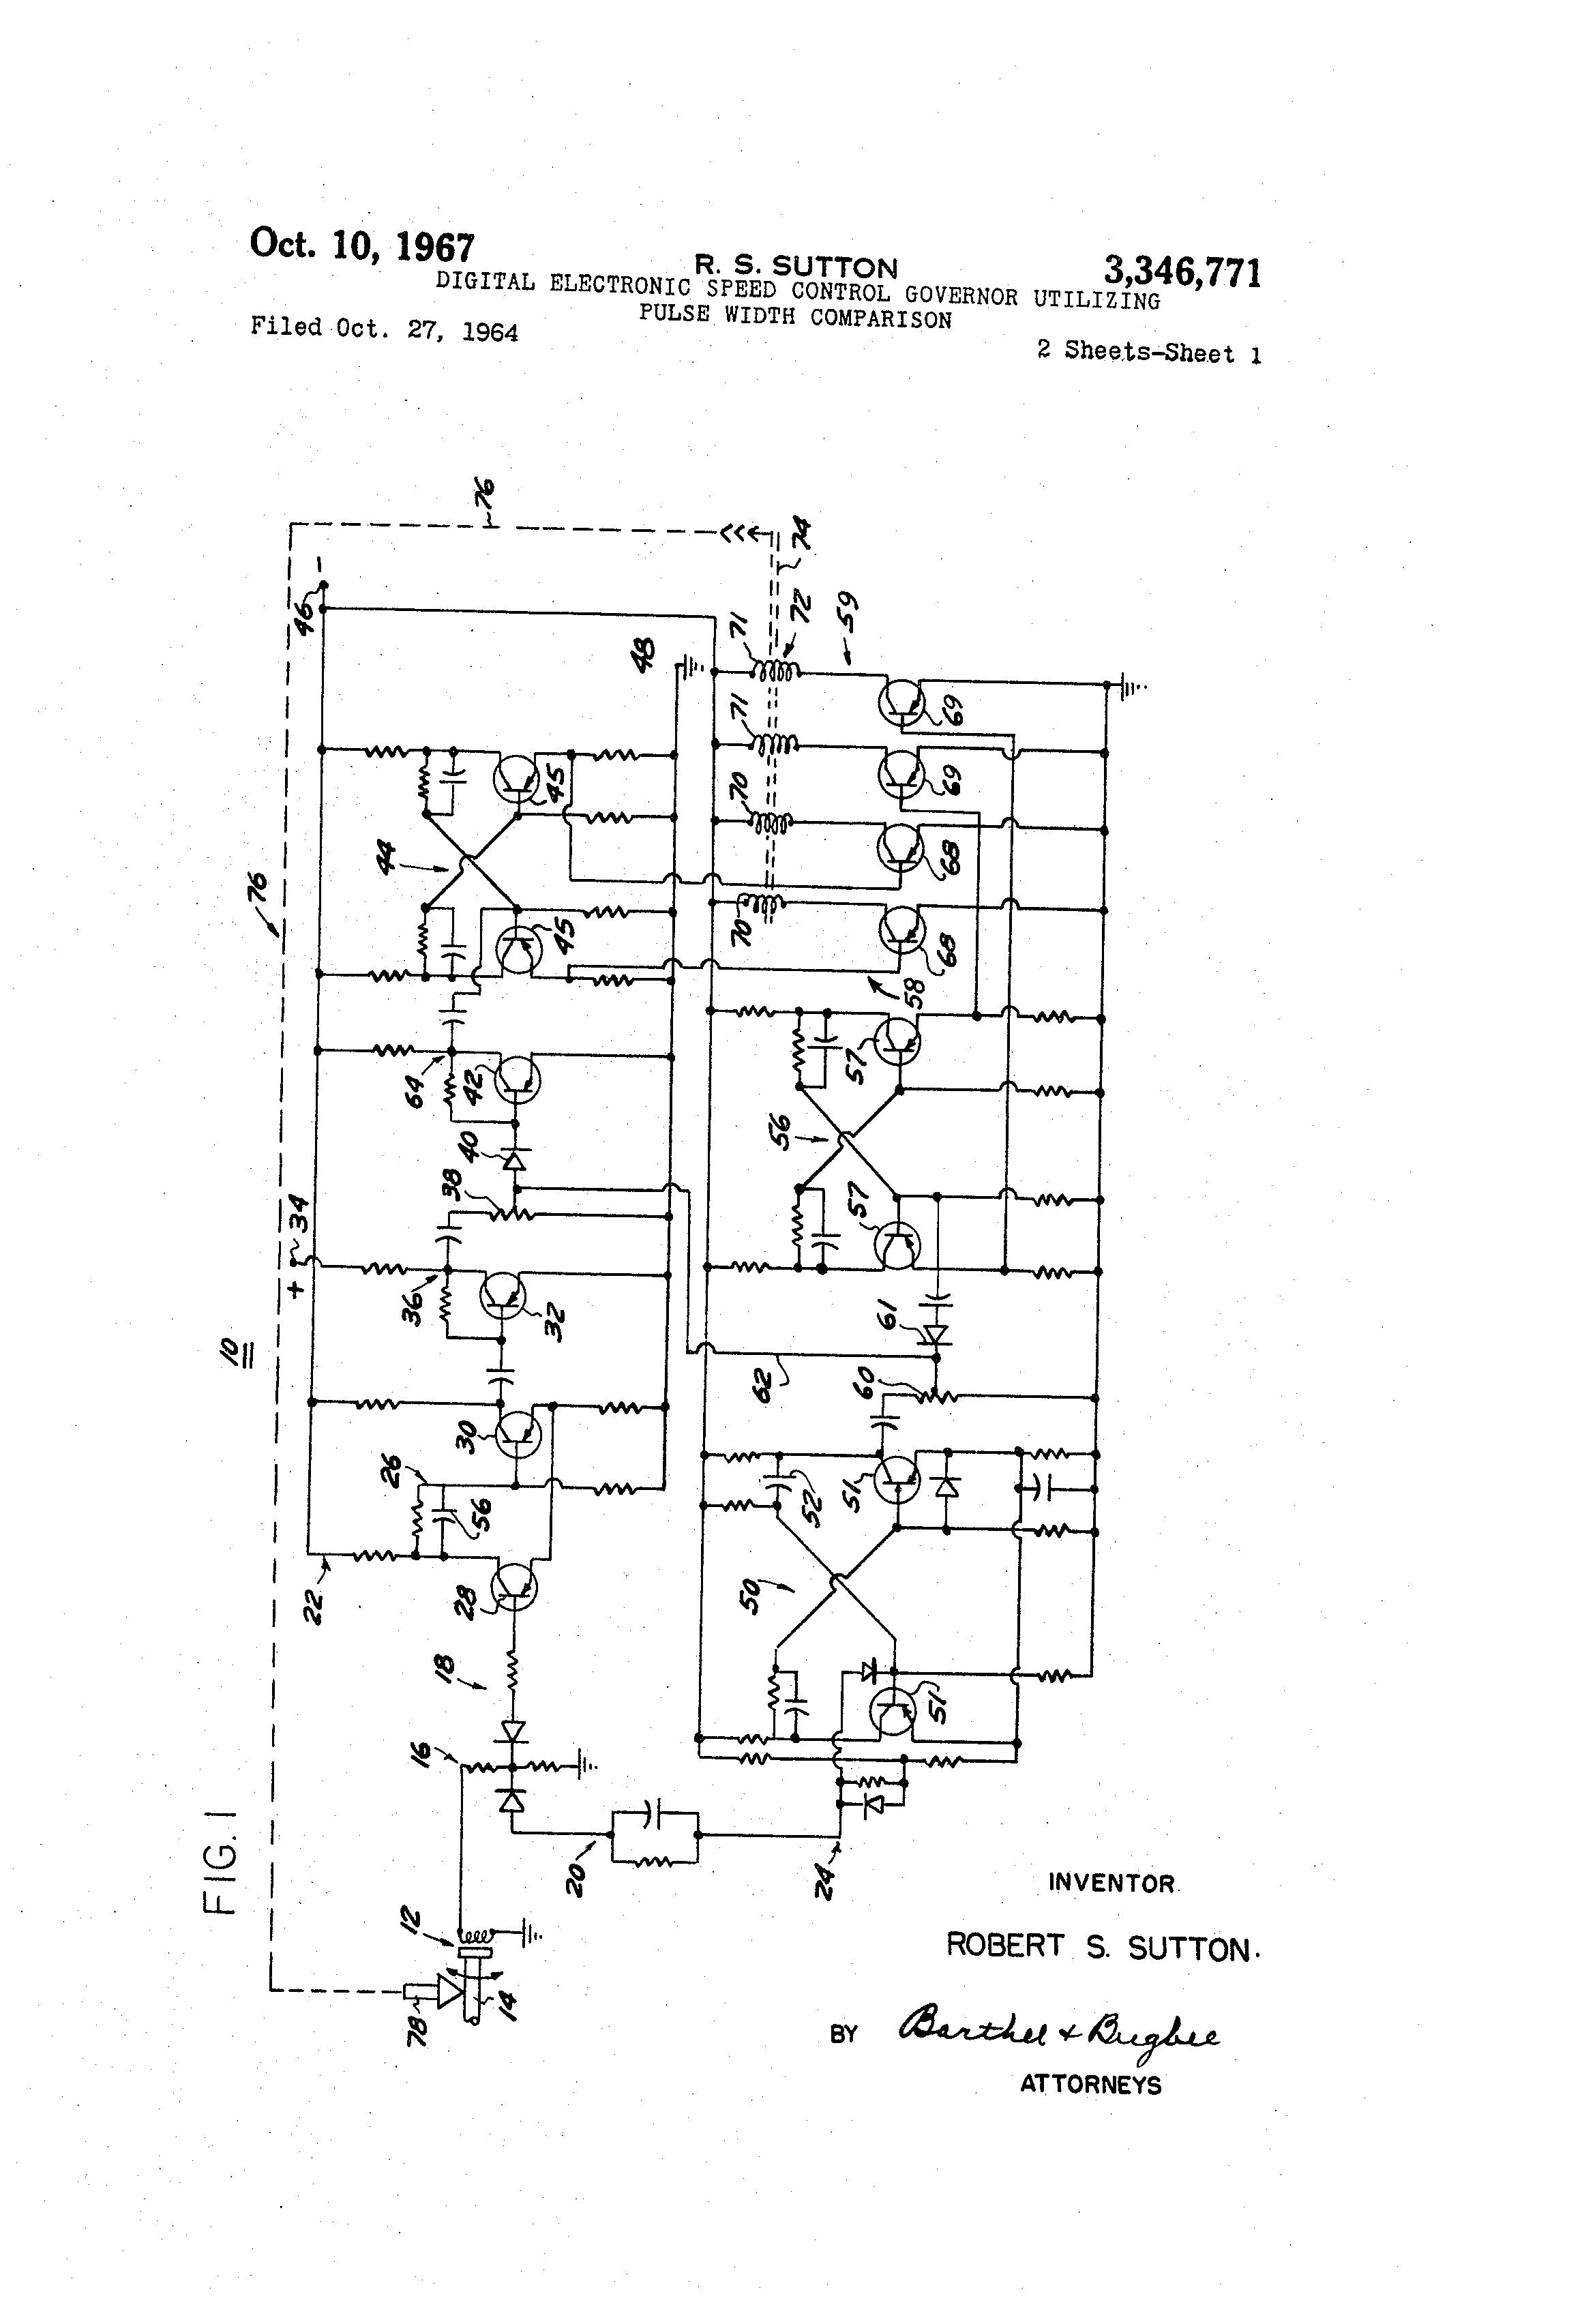 Ikon Fbl Wiring Diagram - Wiring Diagrams